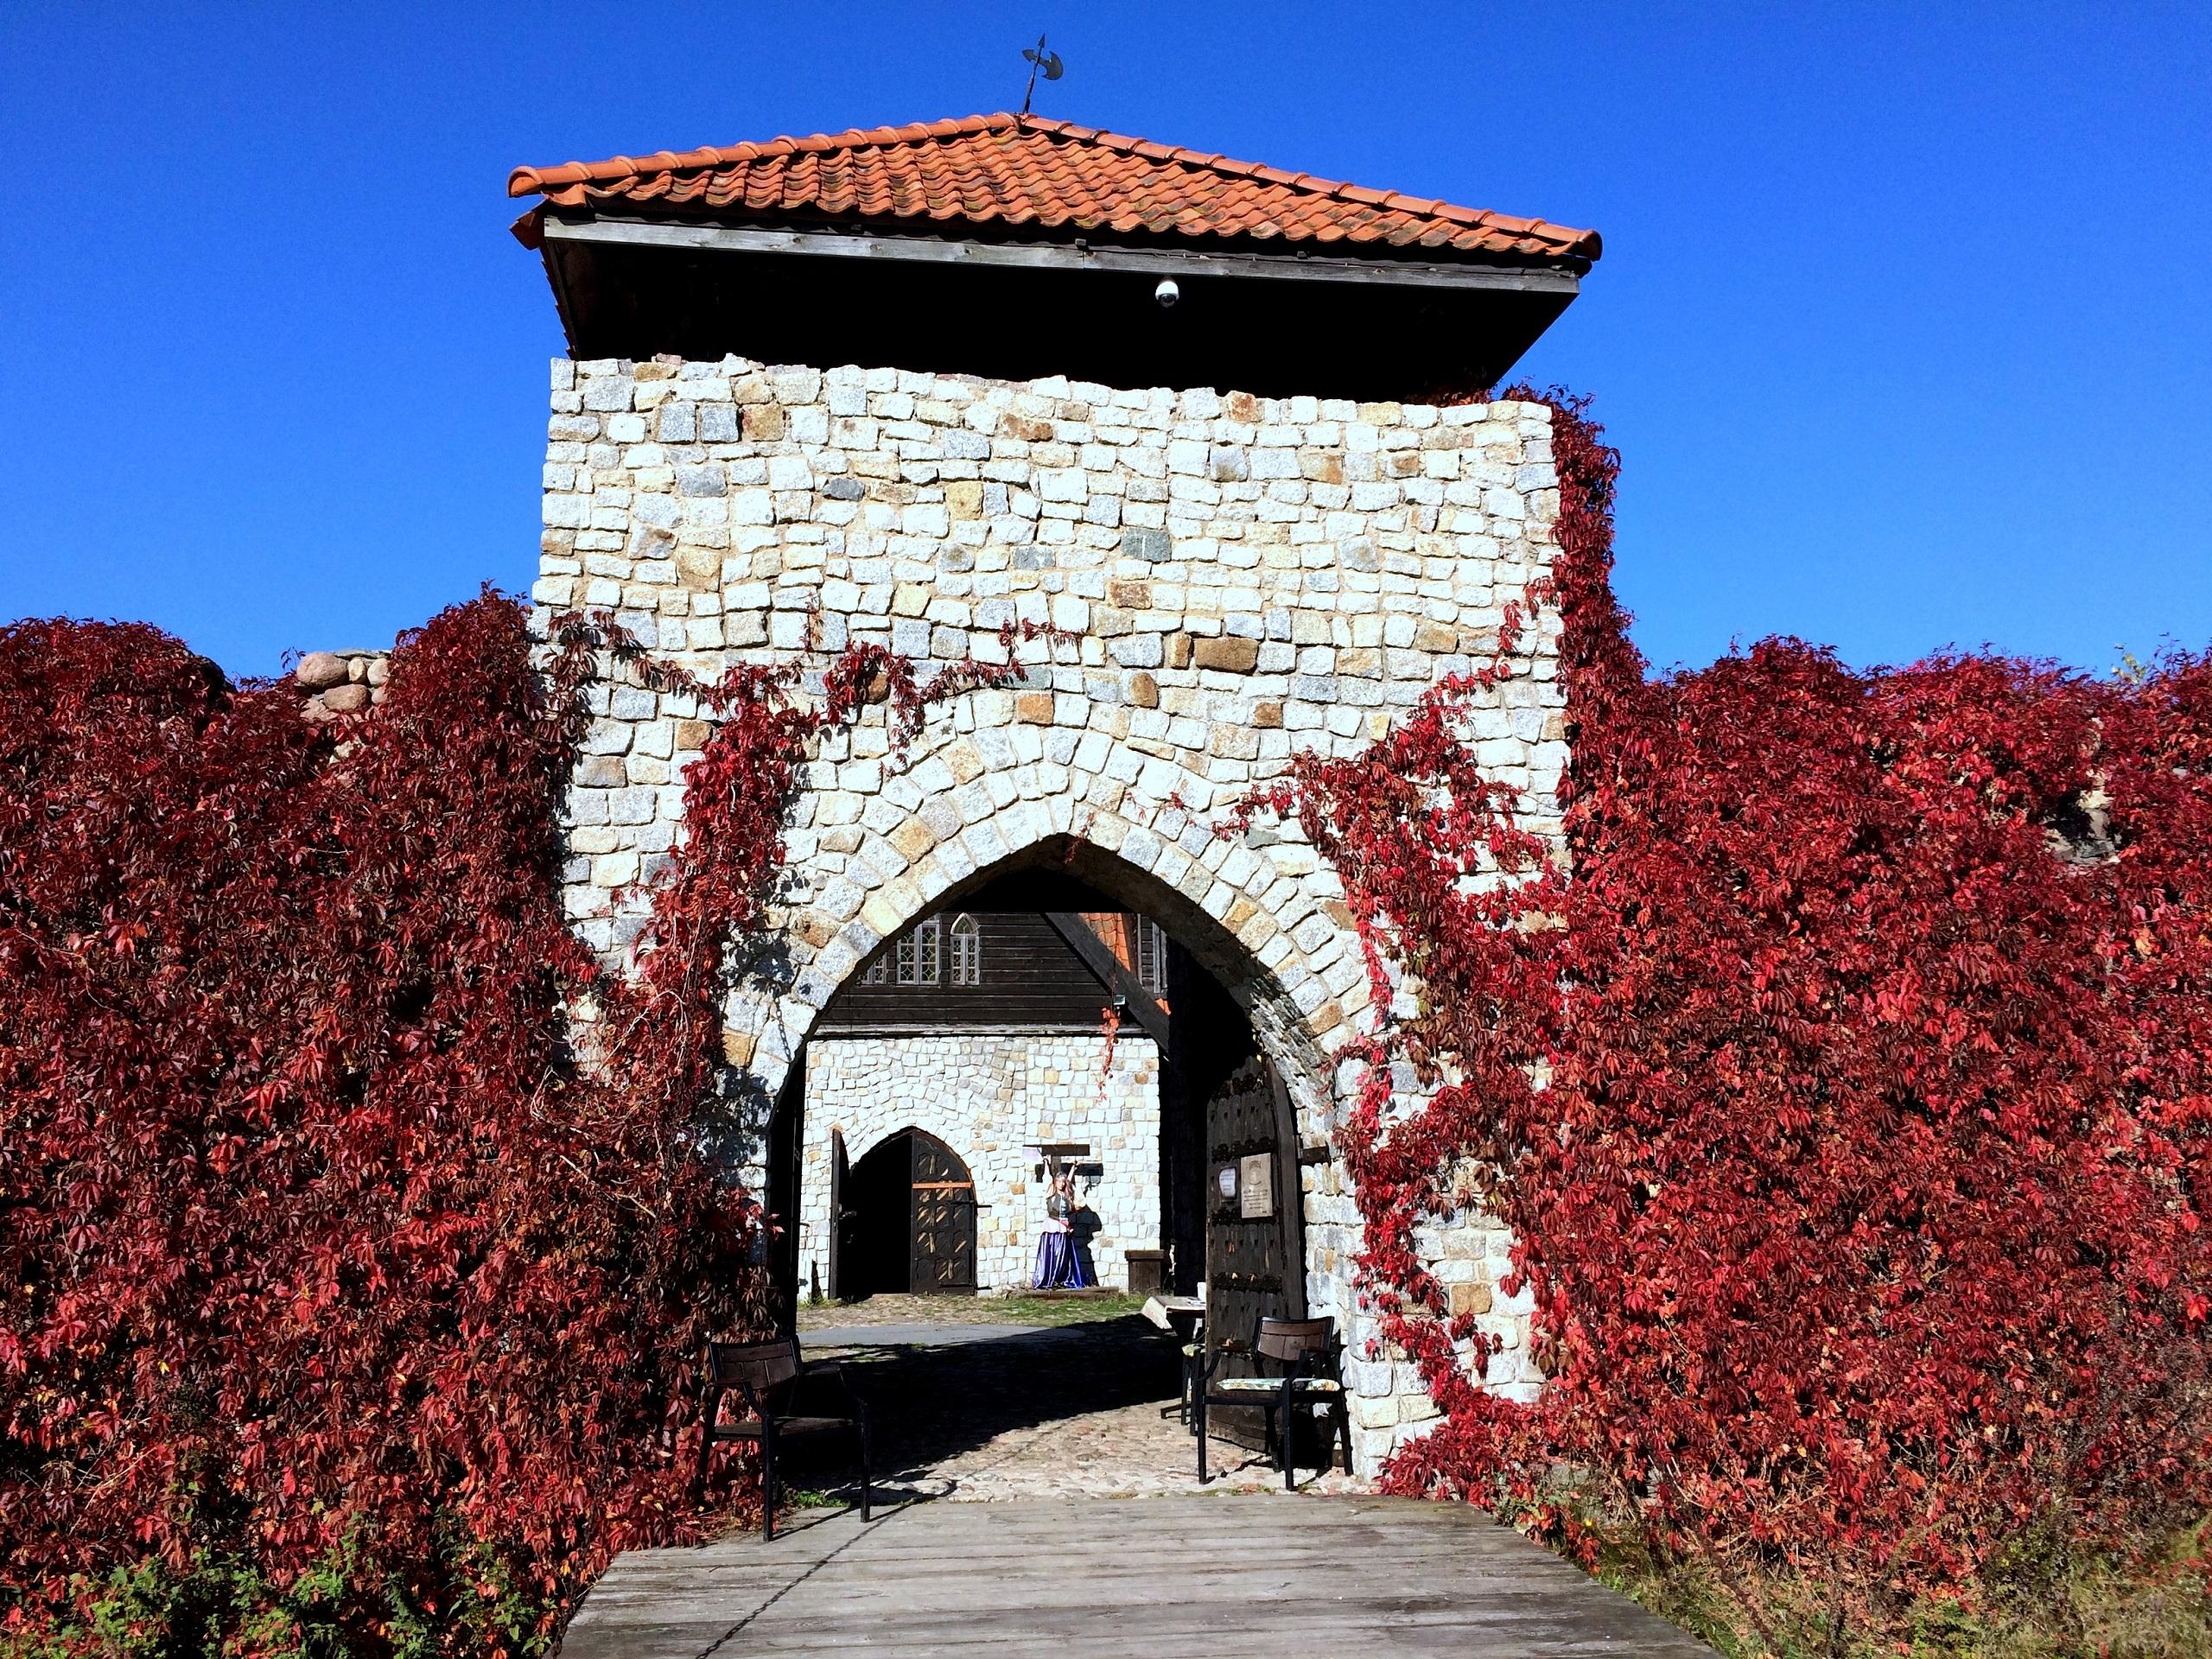 Jantarowy Kasztel - jedna z atrakcji w Kiermusach